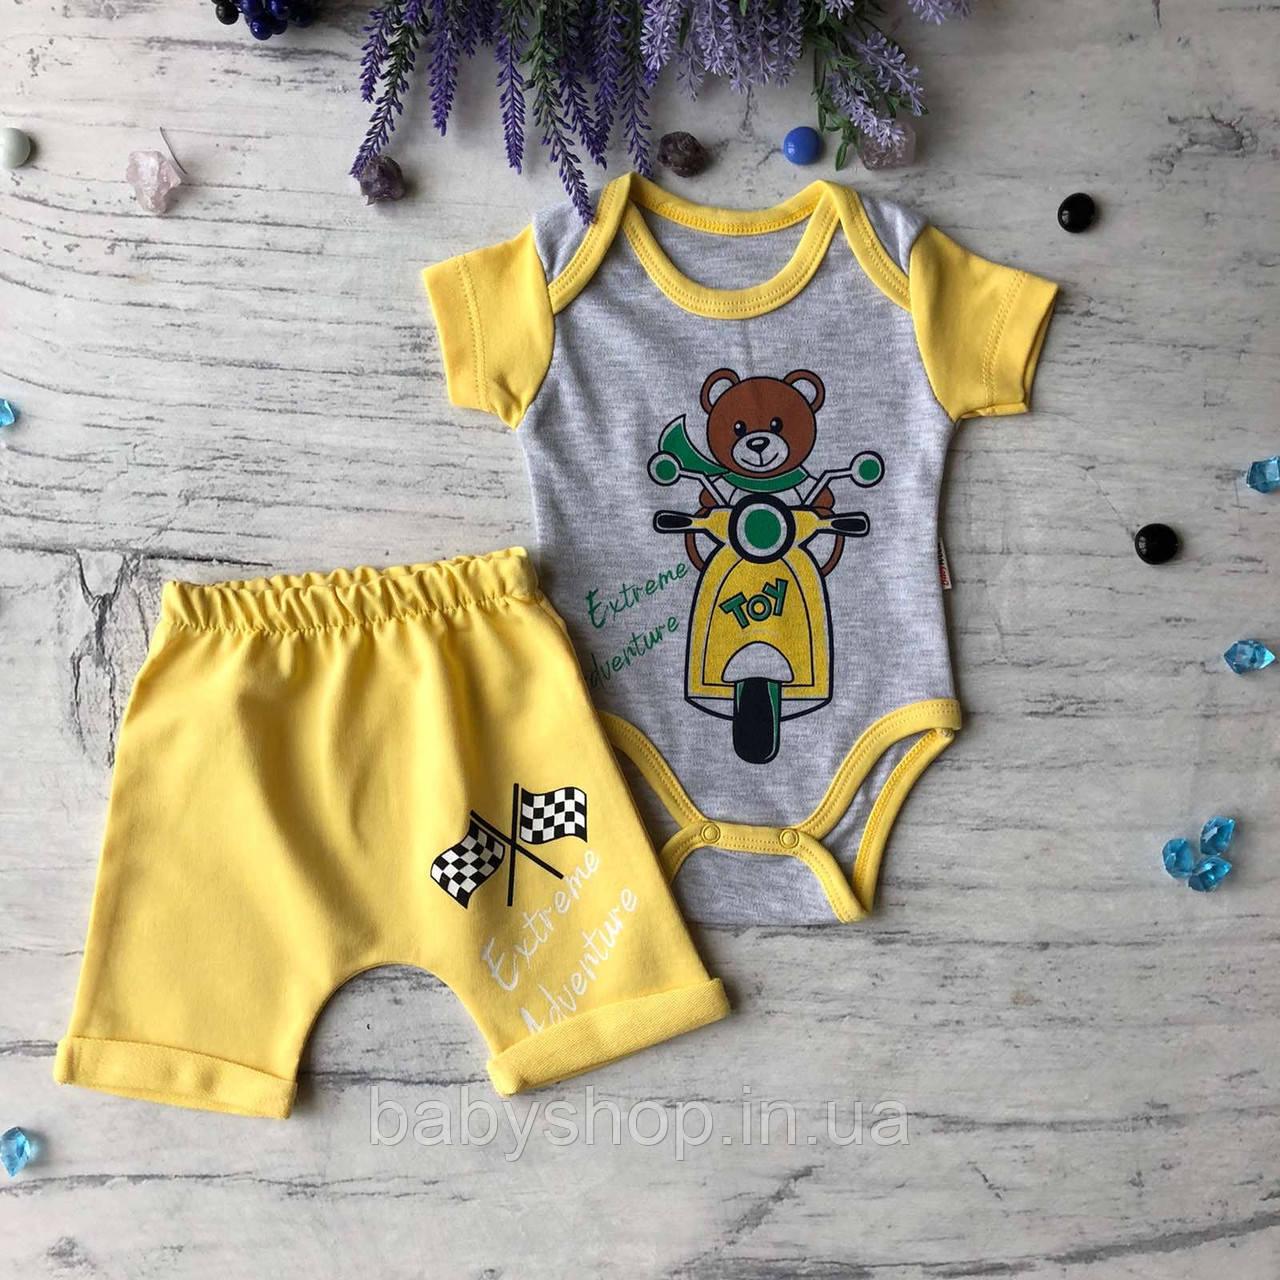 Желтый летний костюм для мальчика 2. Размер 62 см, 68 см, 74 см, 80 см